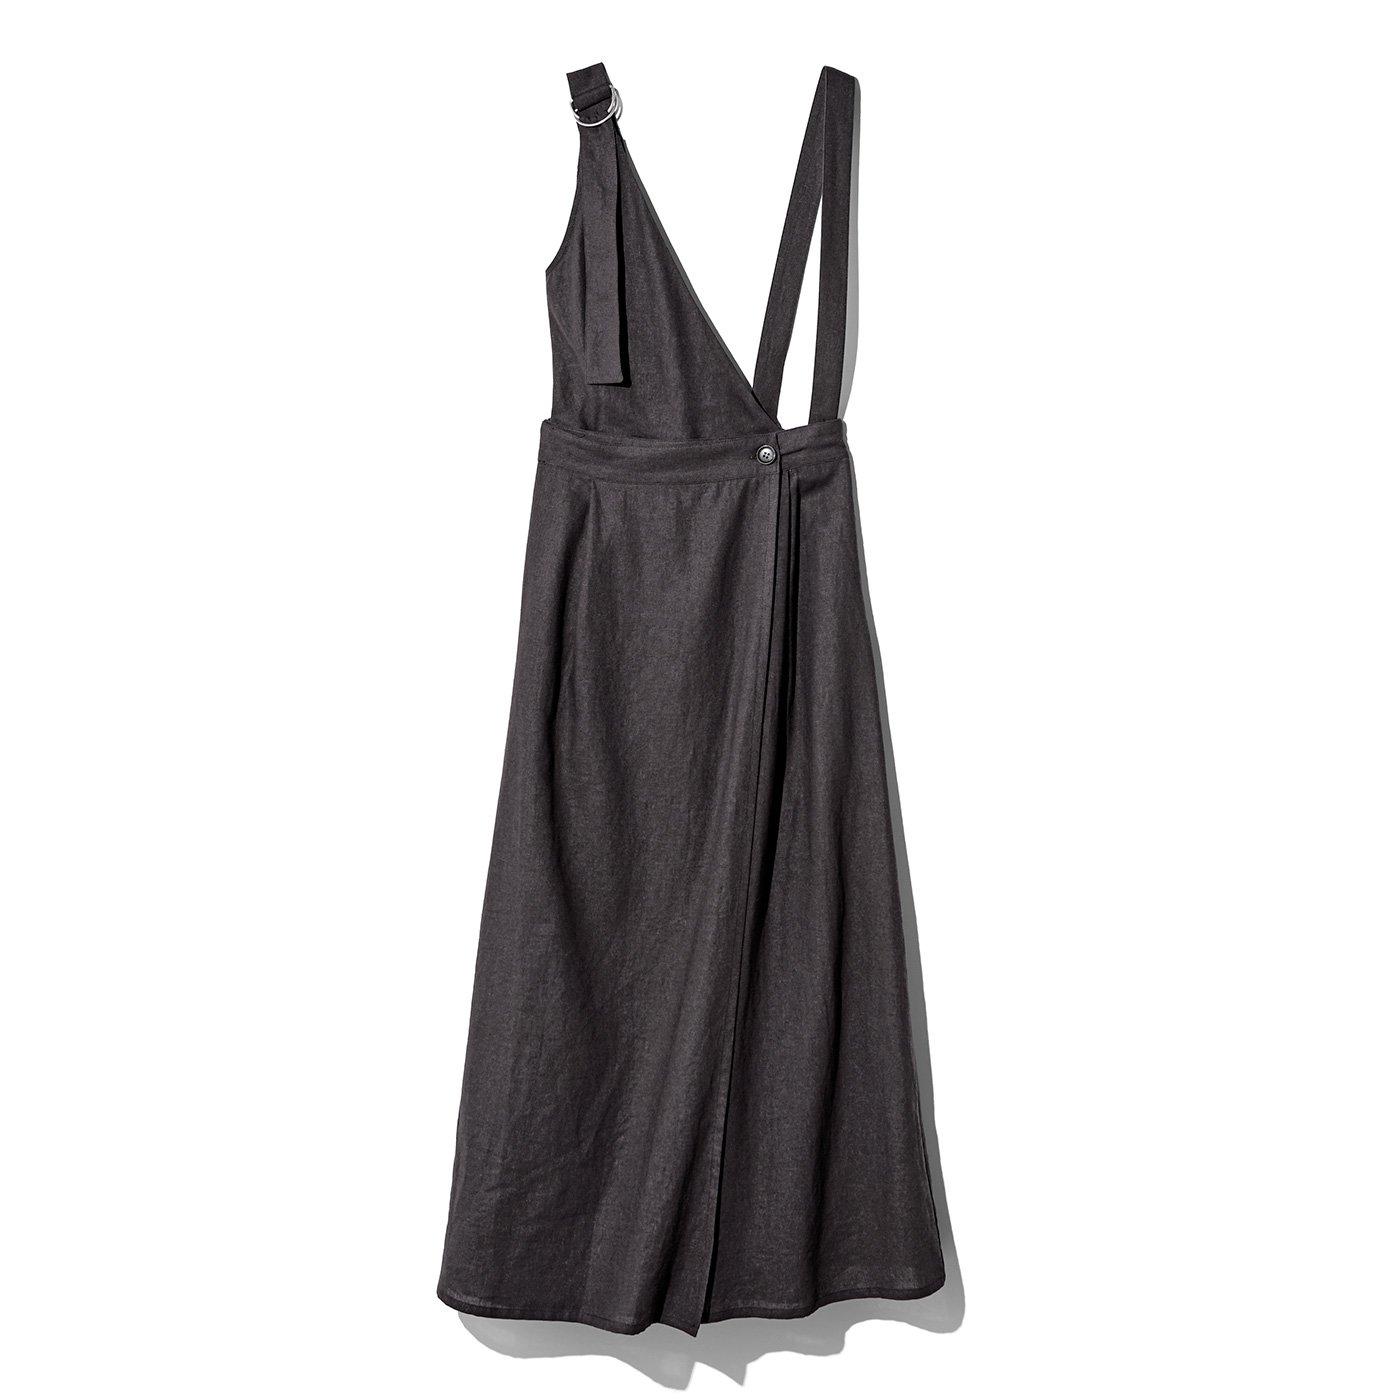 MEDE19F アシメデザイン 2ウェイジャンパースカート〈テツコン〉